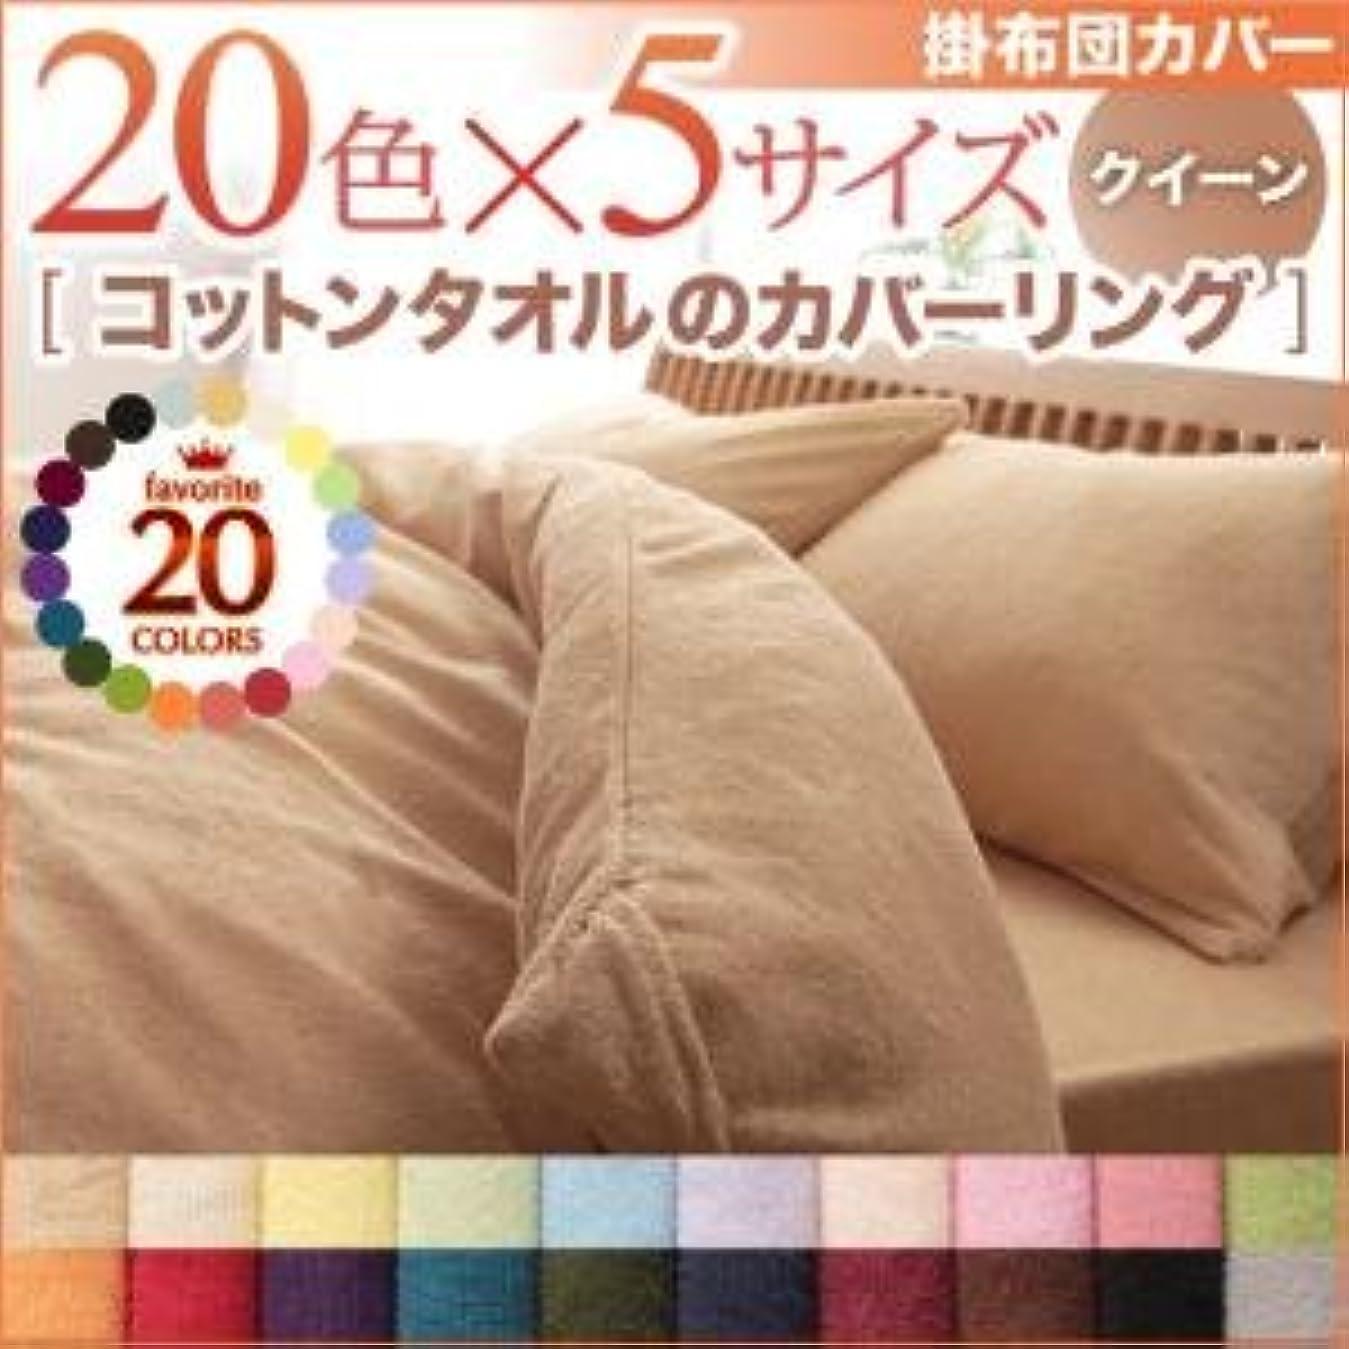 初期のビルダー海洋20色から選べる! 365日気持ちいい! コットンタオル掛布団カバー クイーン アイボリー